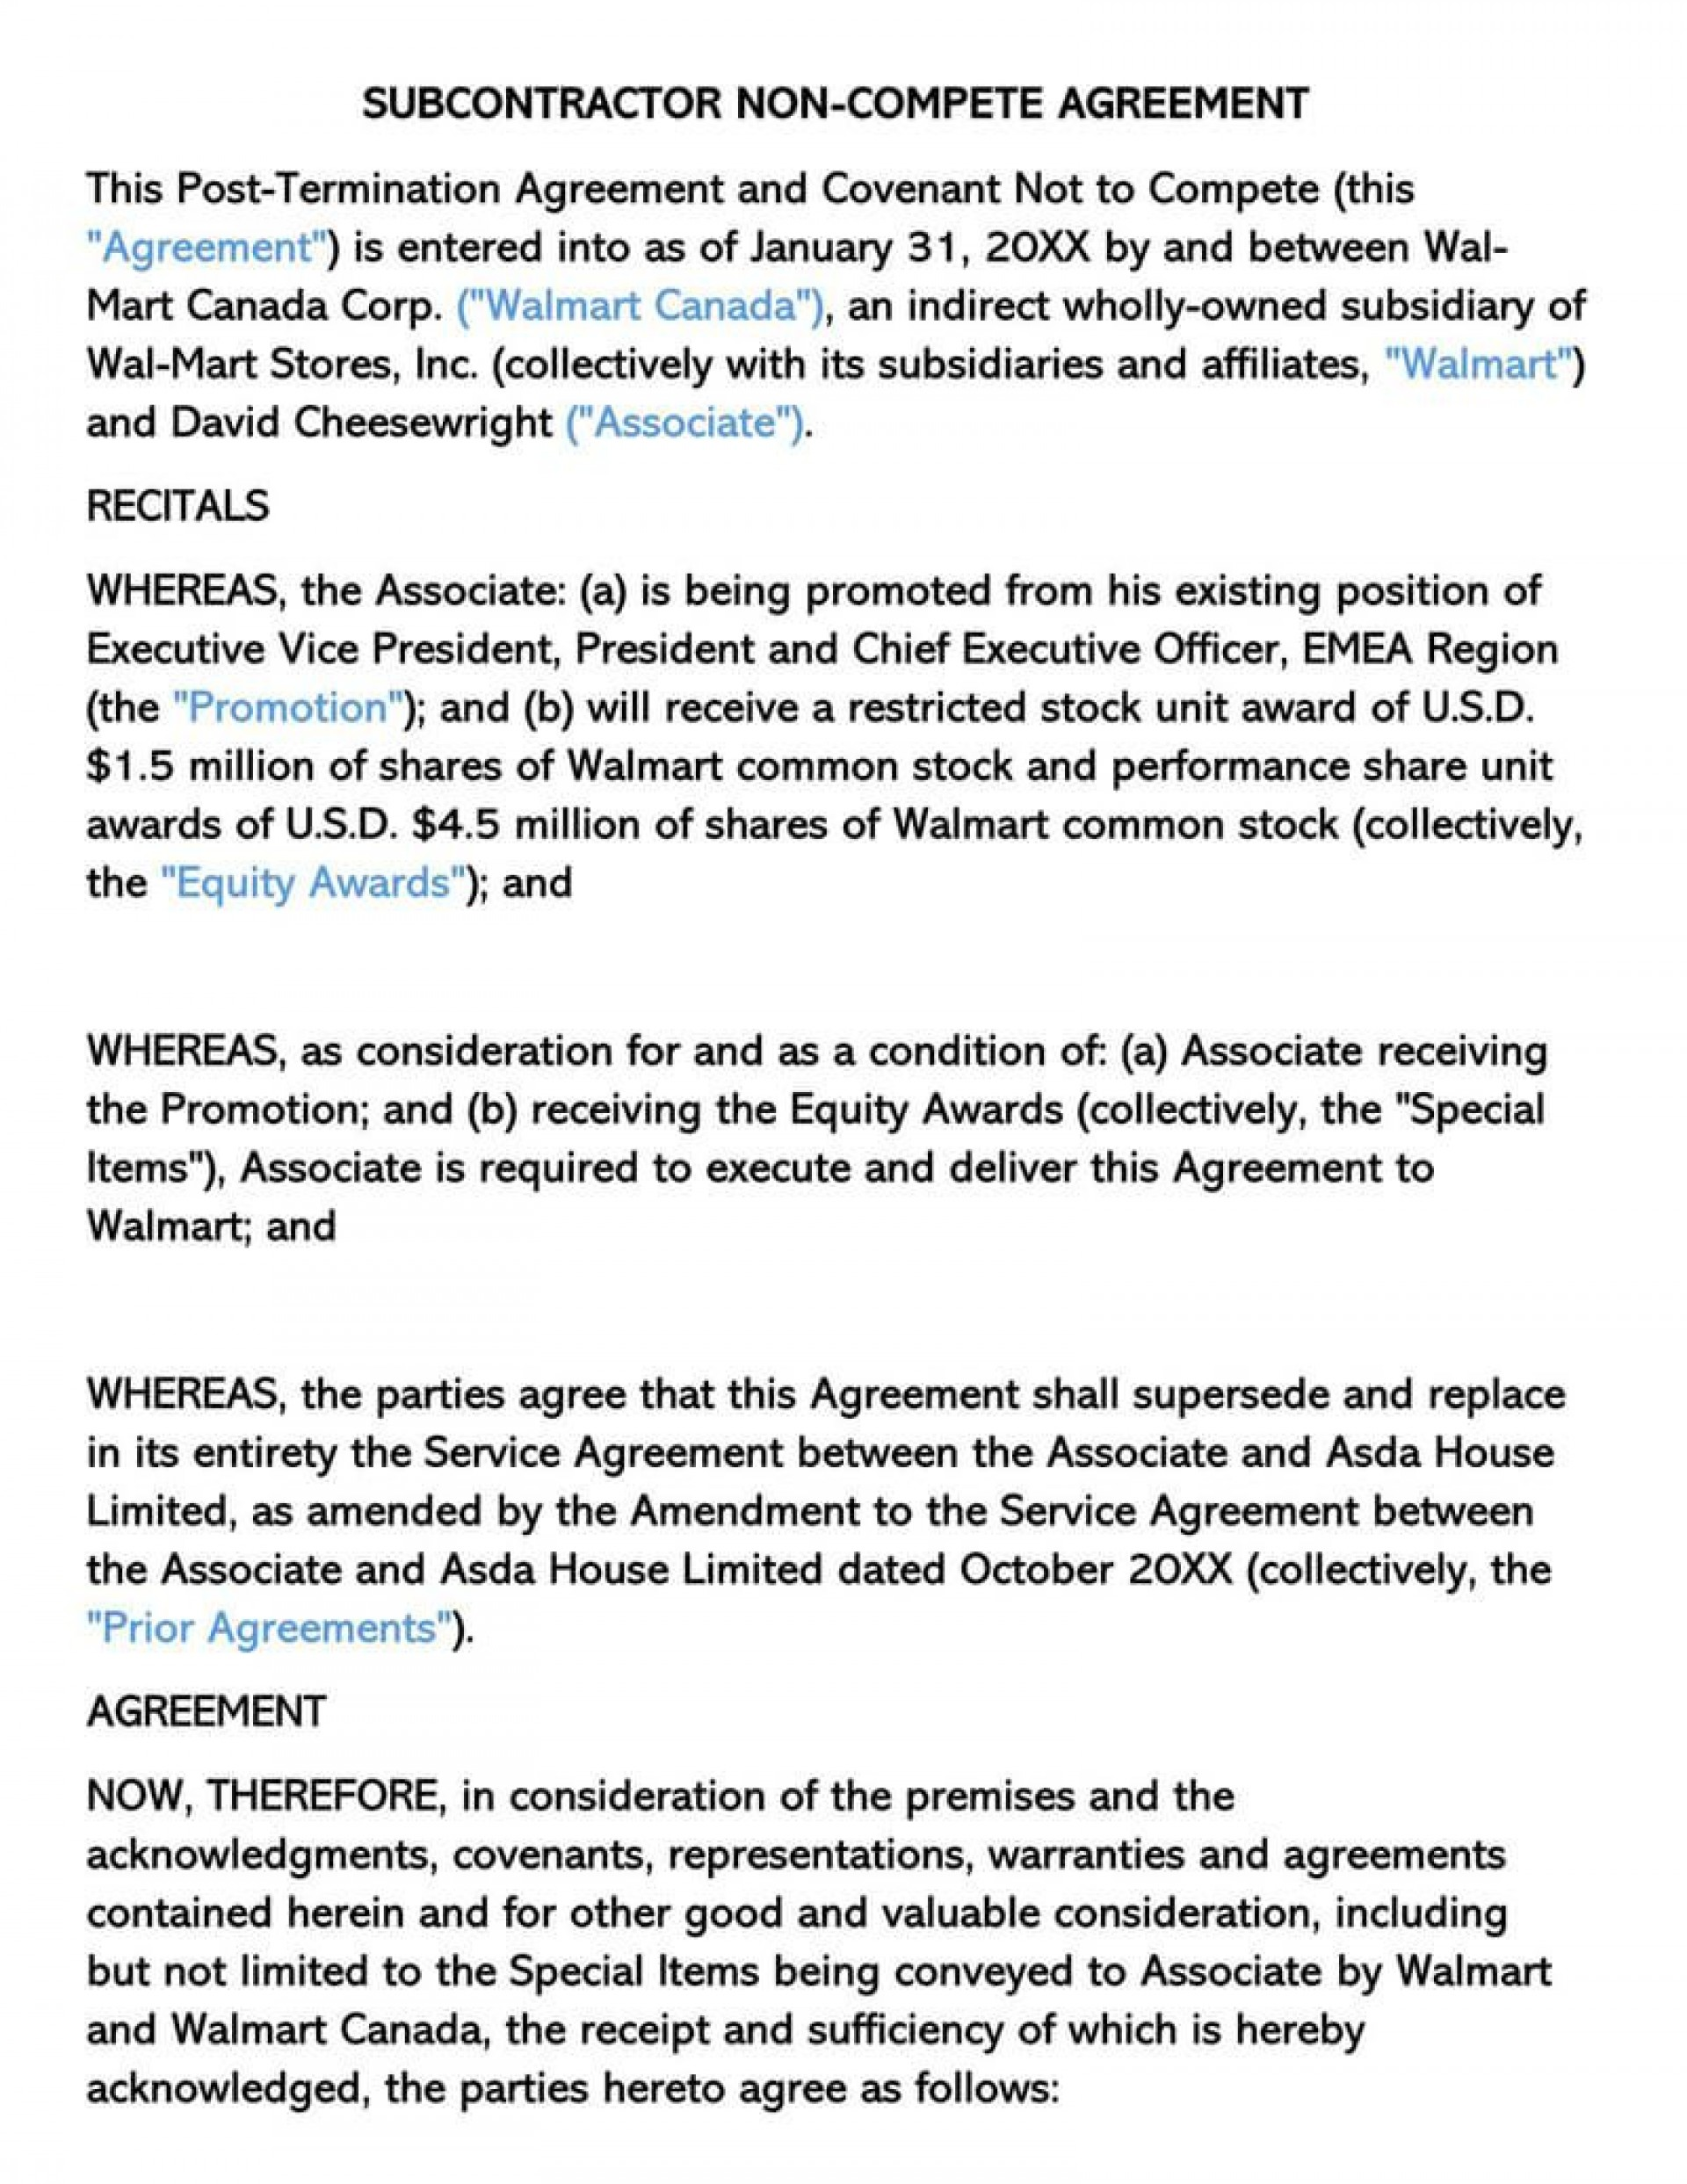 009 Fearsome Non Compete Agreement Florida Template Idea 1920